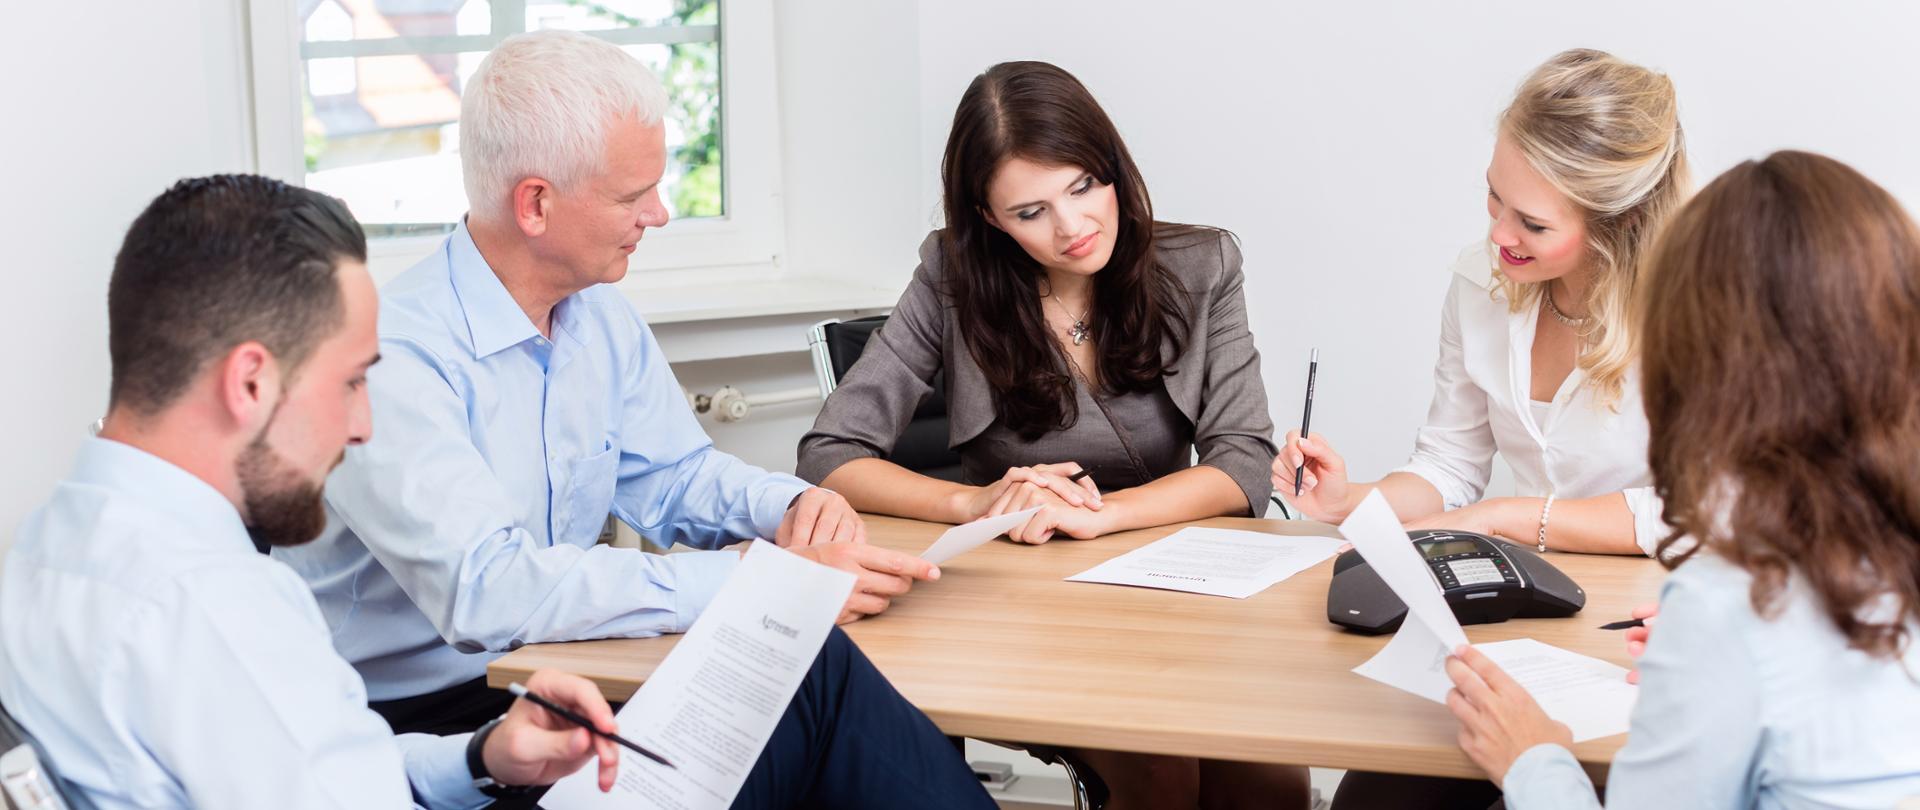 Pięć osób dyskutuje przy biurku przeglądając dokumenty